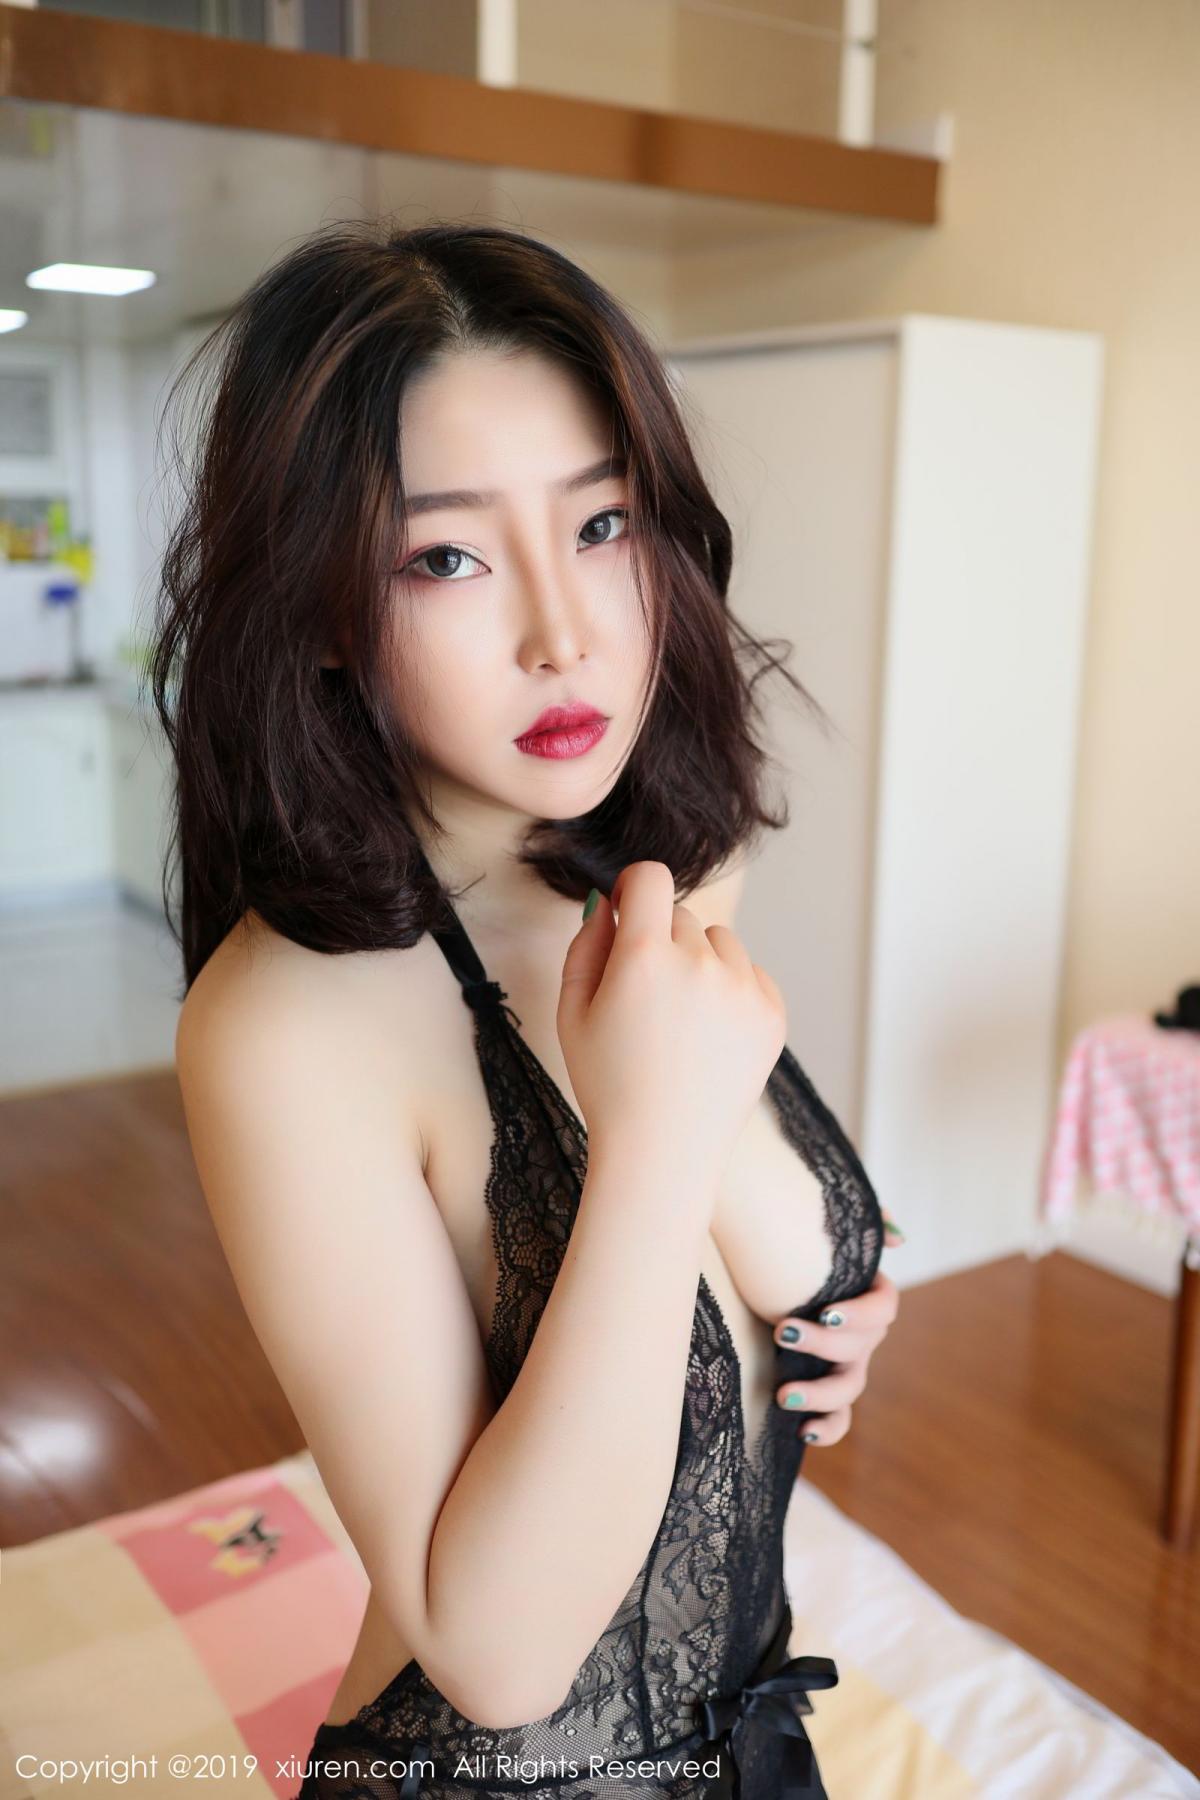 [XiuRen] Vol.1571 Yao A Yao De Yao 3P, Adult, Xiuren, Yao A Yao De Yao